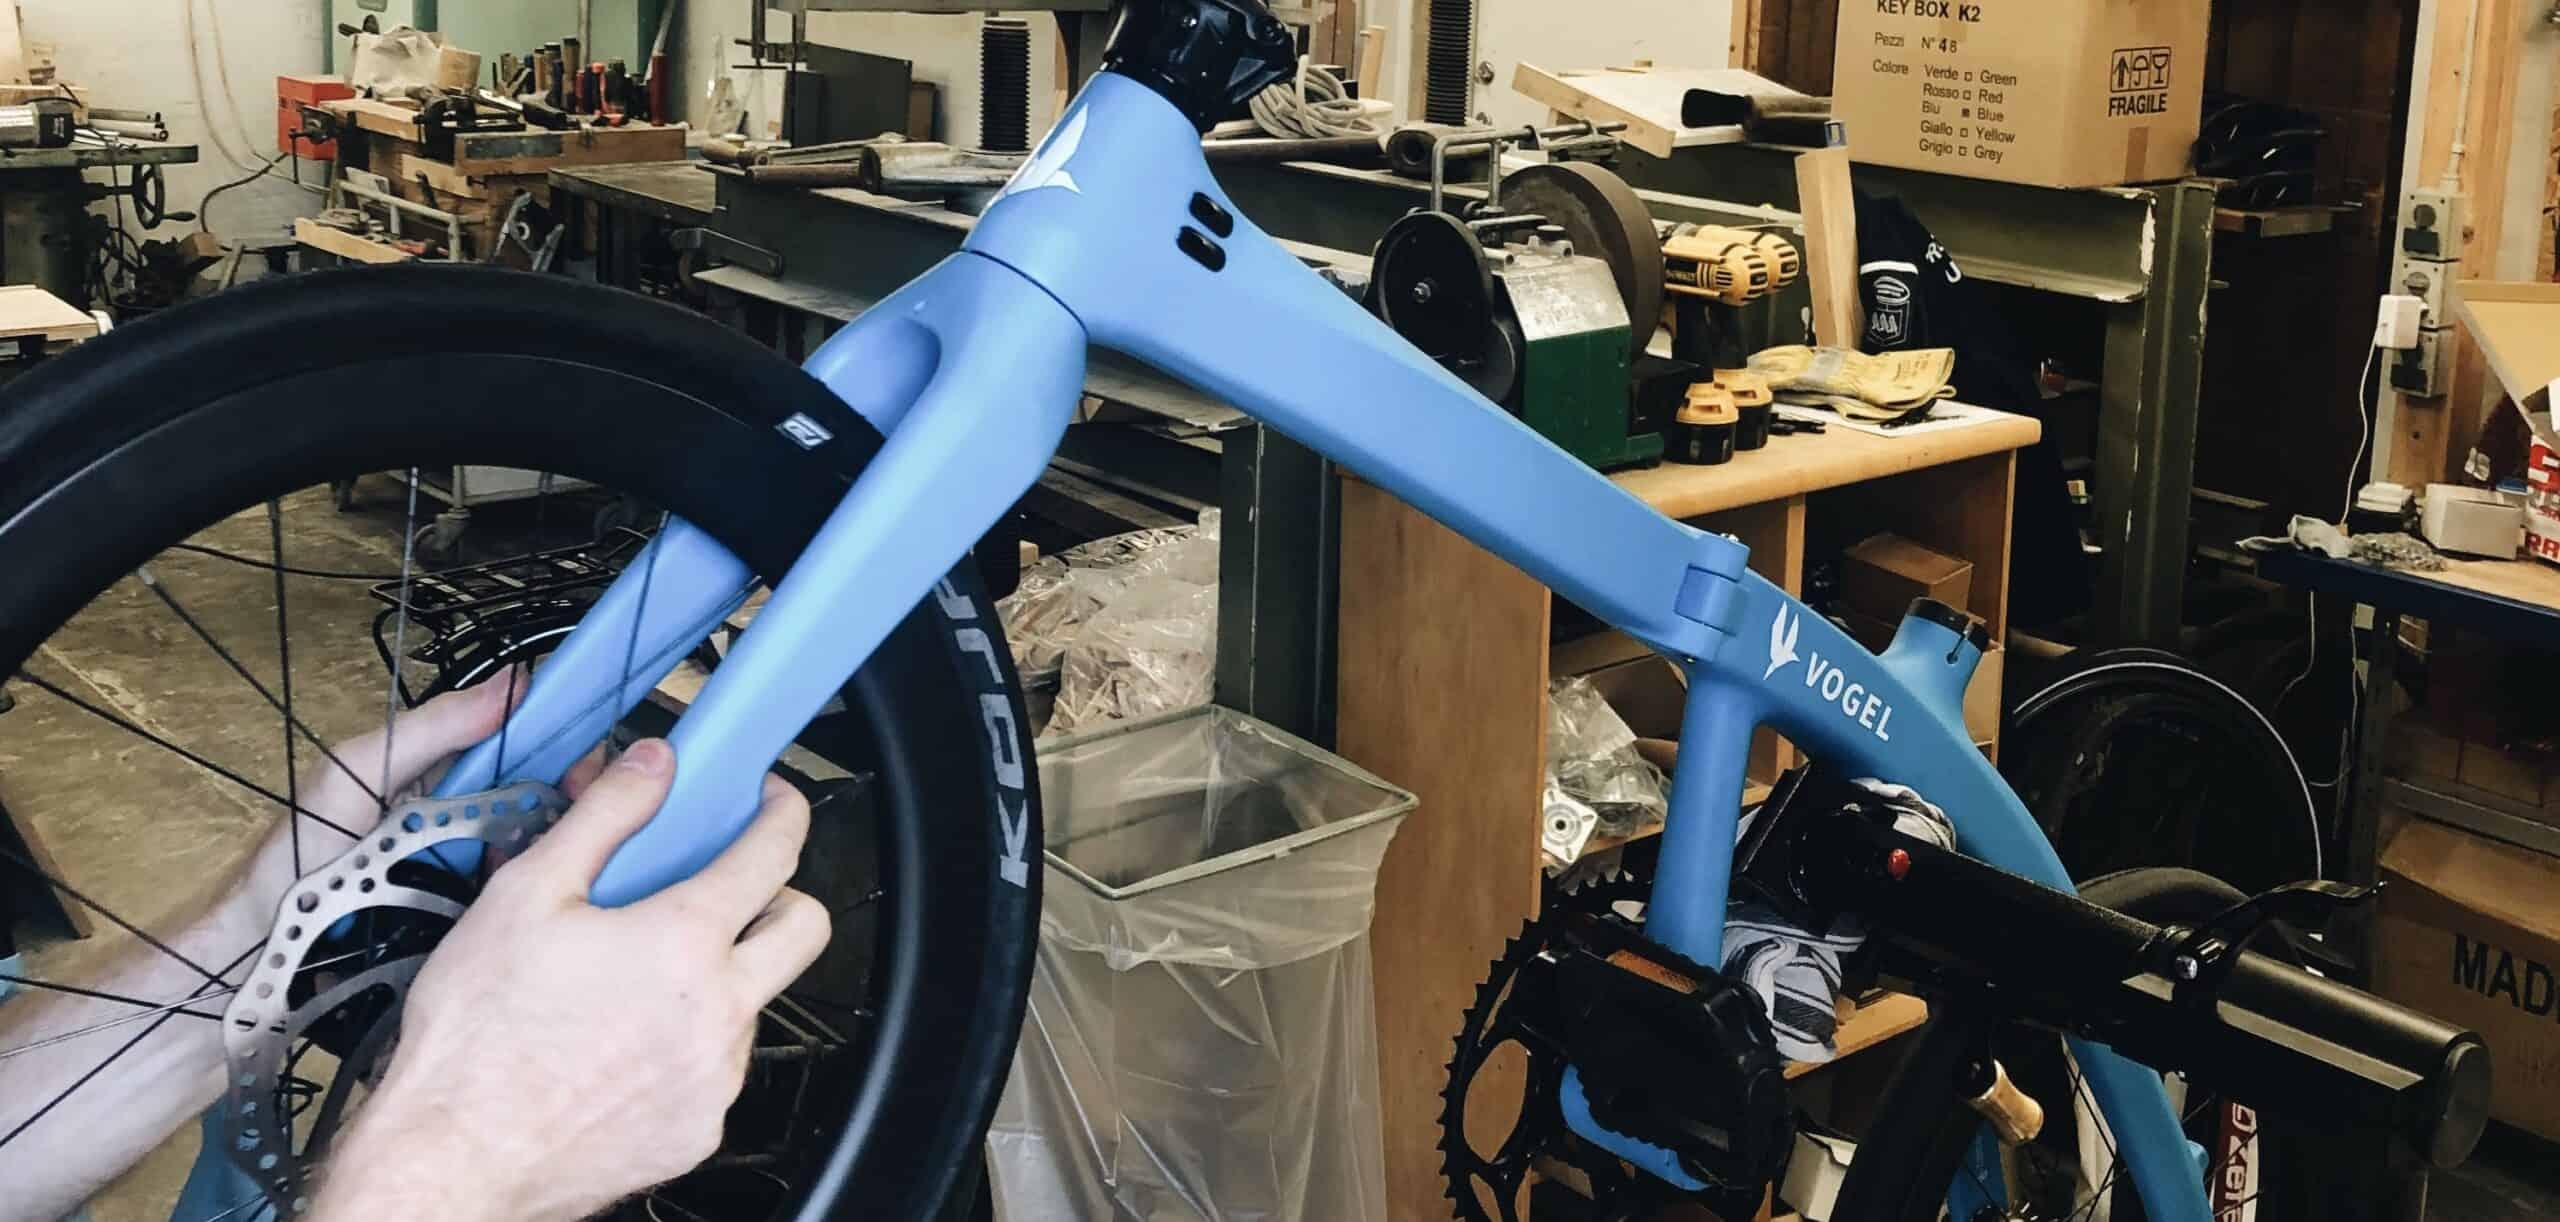 Curie folding bike